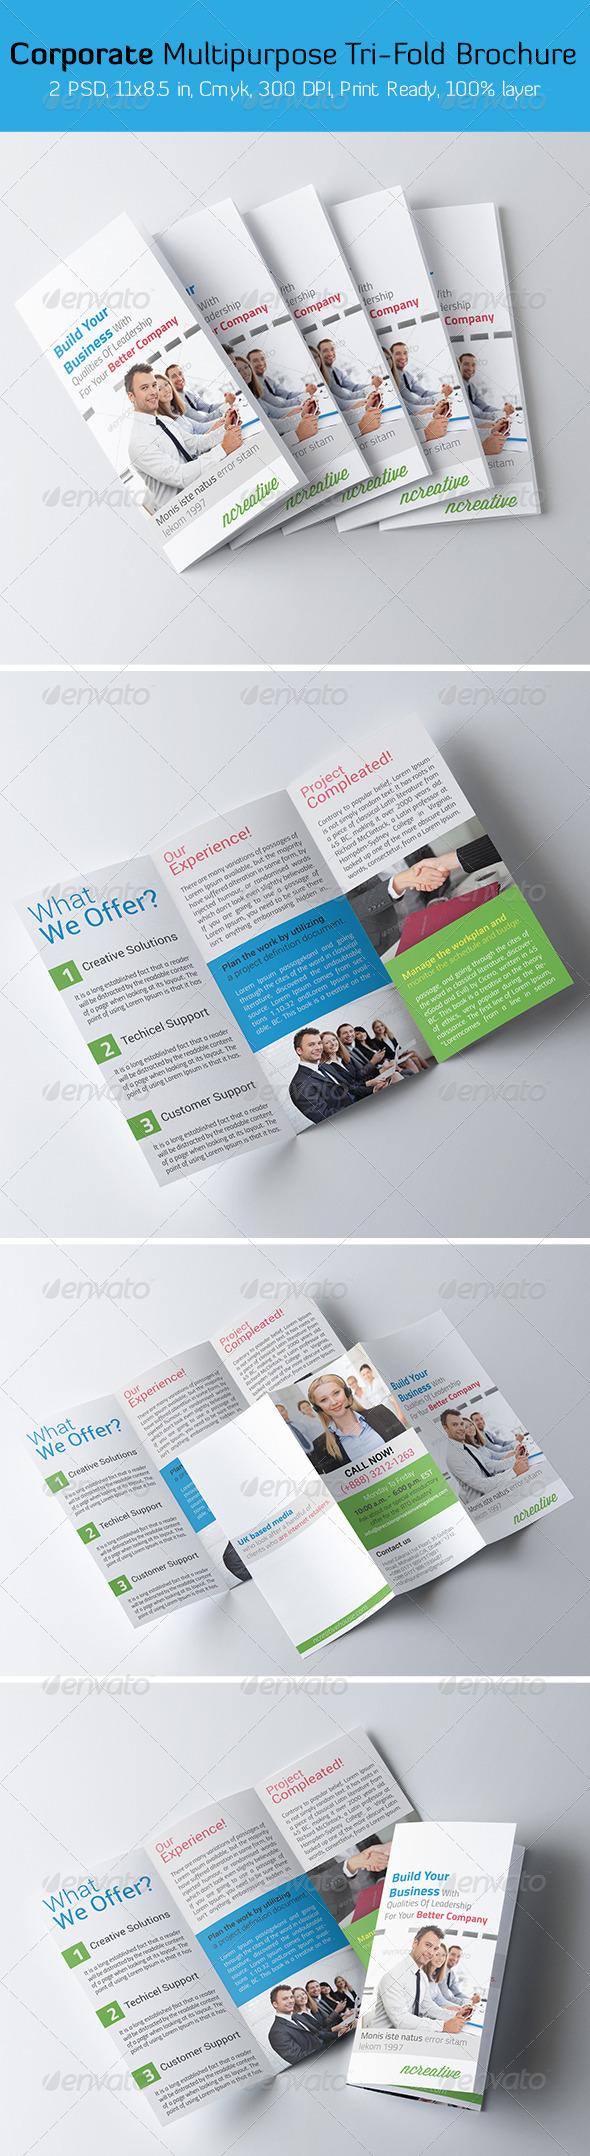 GraphicRiver Corporate Multipurpose Tri-fold Brochure 6490656